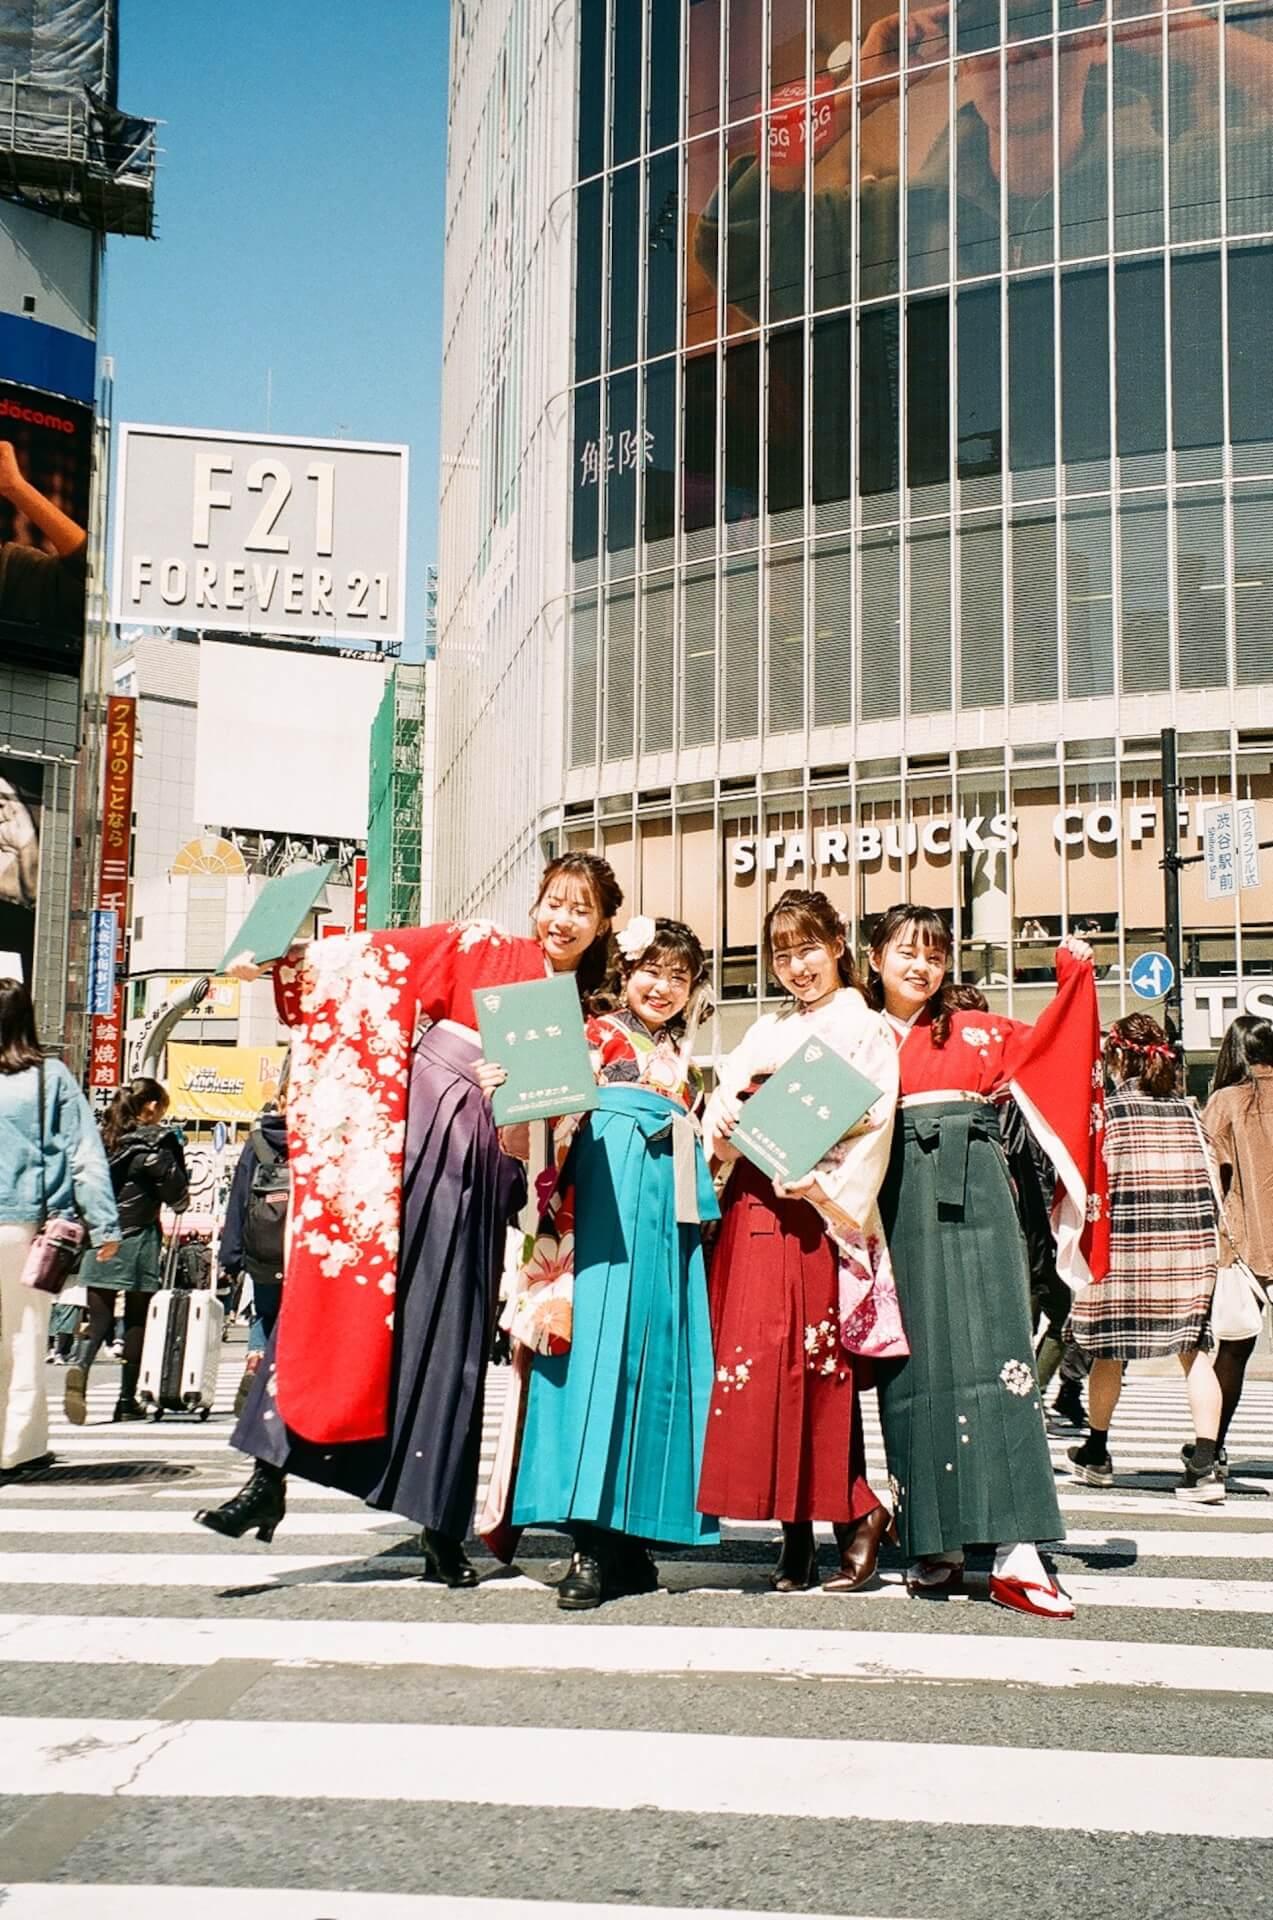 はなむけしゃしん - ぶるじょあ会「渋谷は日本のTOKYO」 art200415_hanamukeshashin5_16